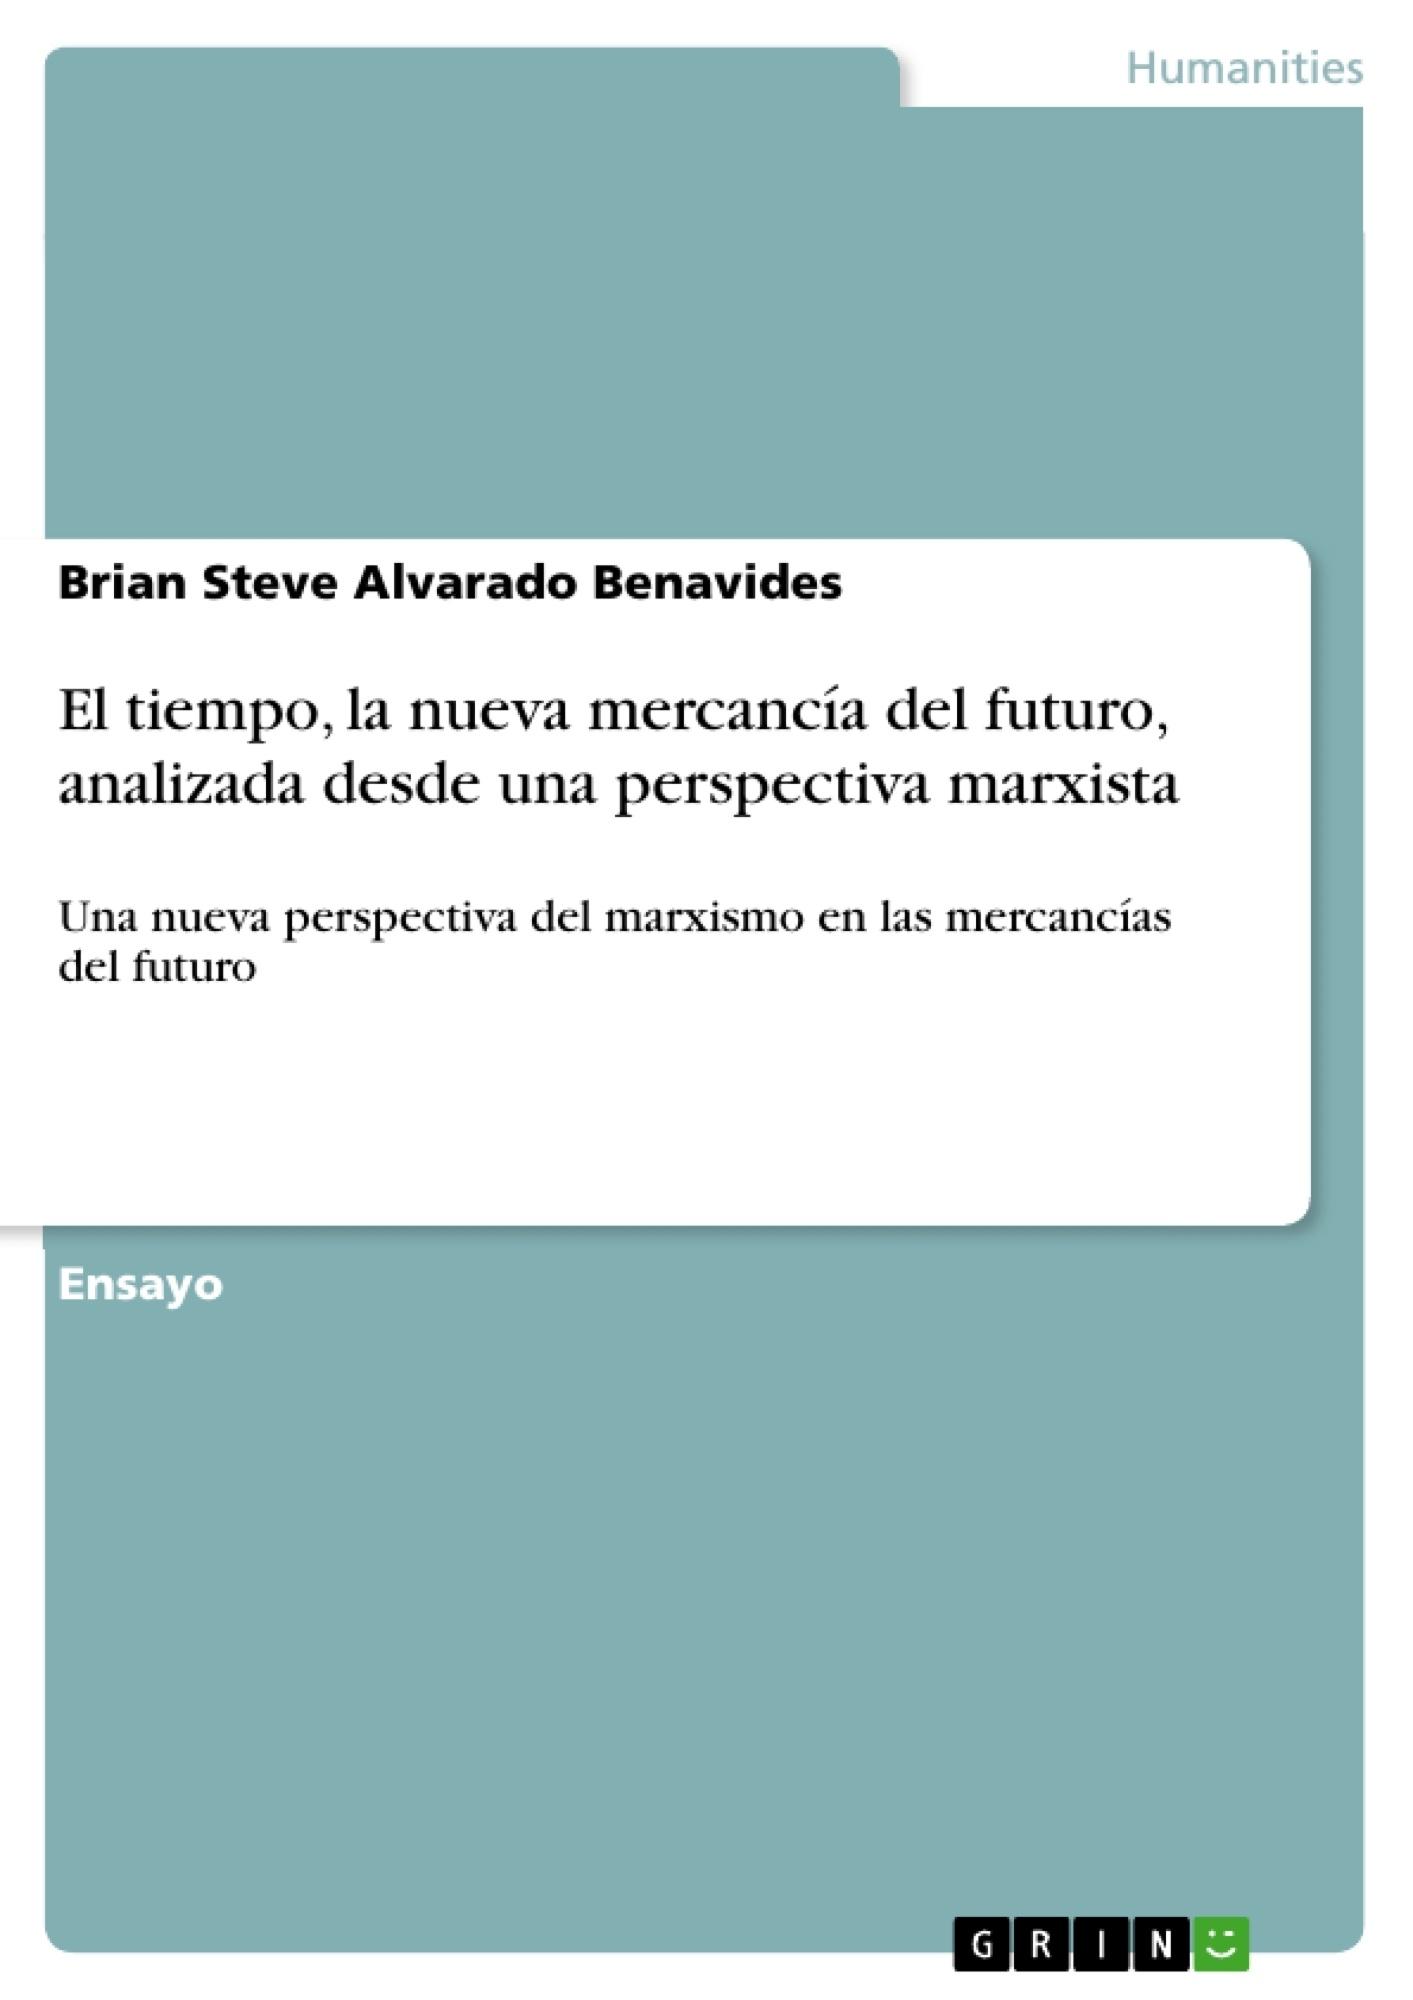 Título: El tiempo, la nueva mercancía del futuro, analizada desde una perspectiva marxista